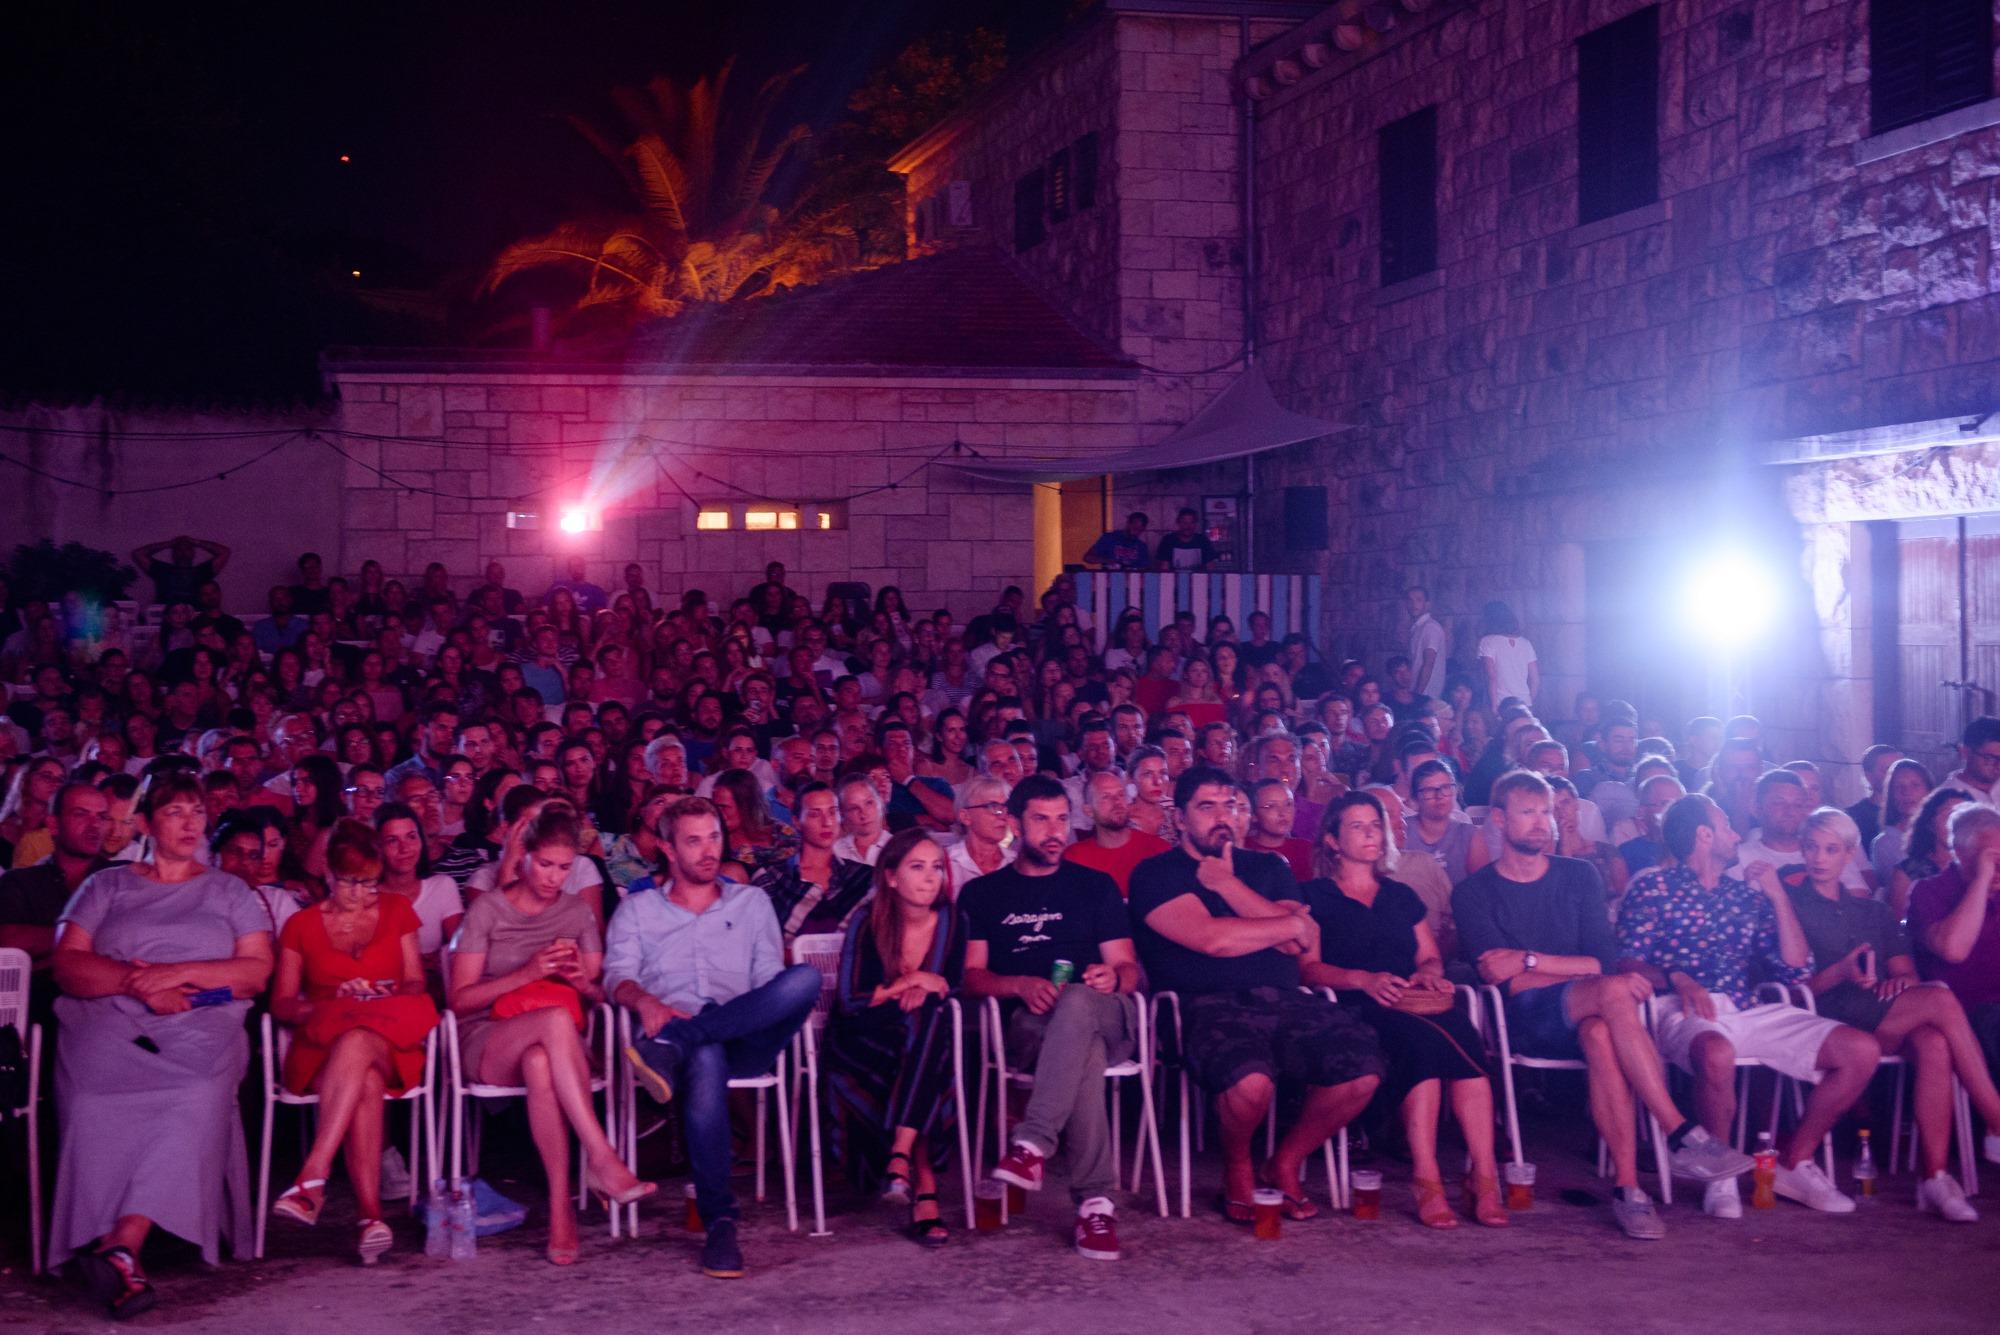 7. izdanje Brač Film Festivala, po prvi puta ove godine, traje dan dulje i održat će se od 11. do 14. kolovoza u Supetru